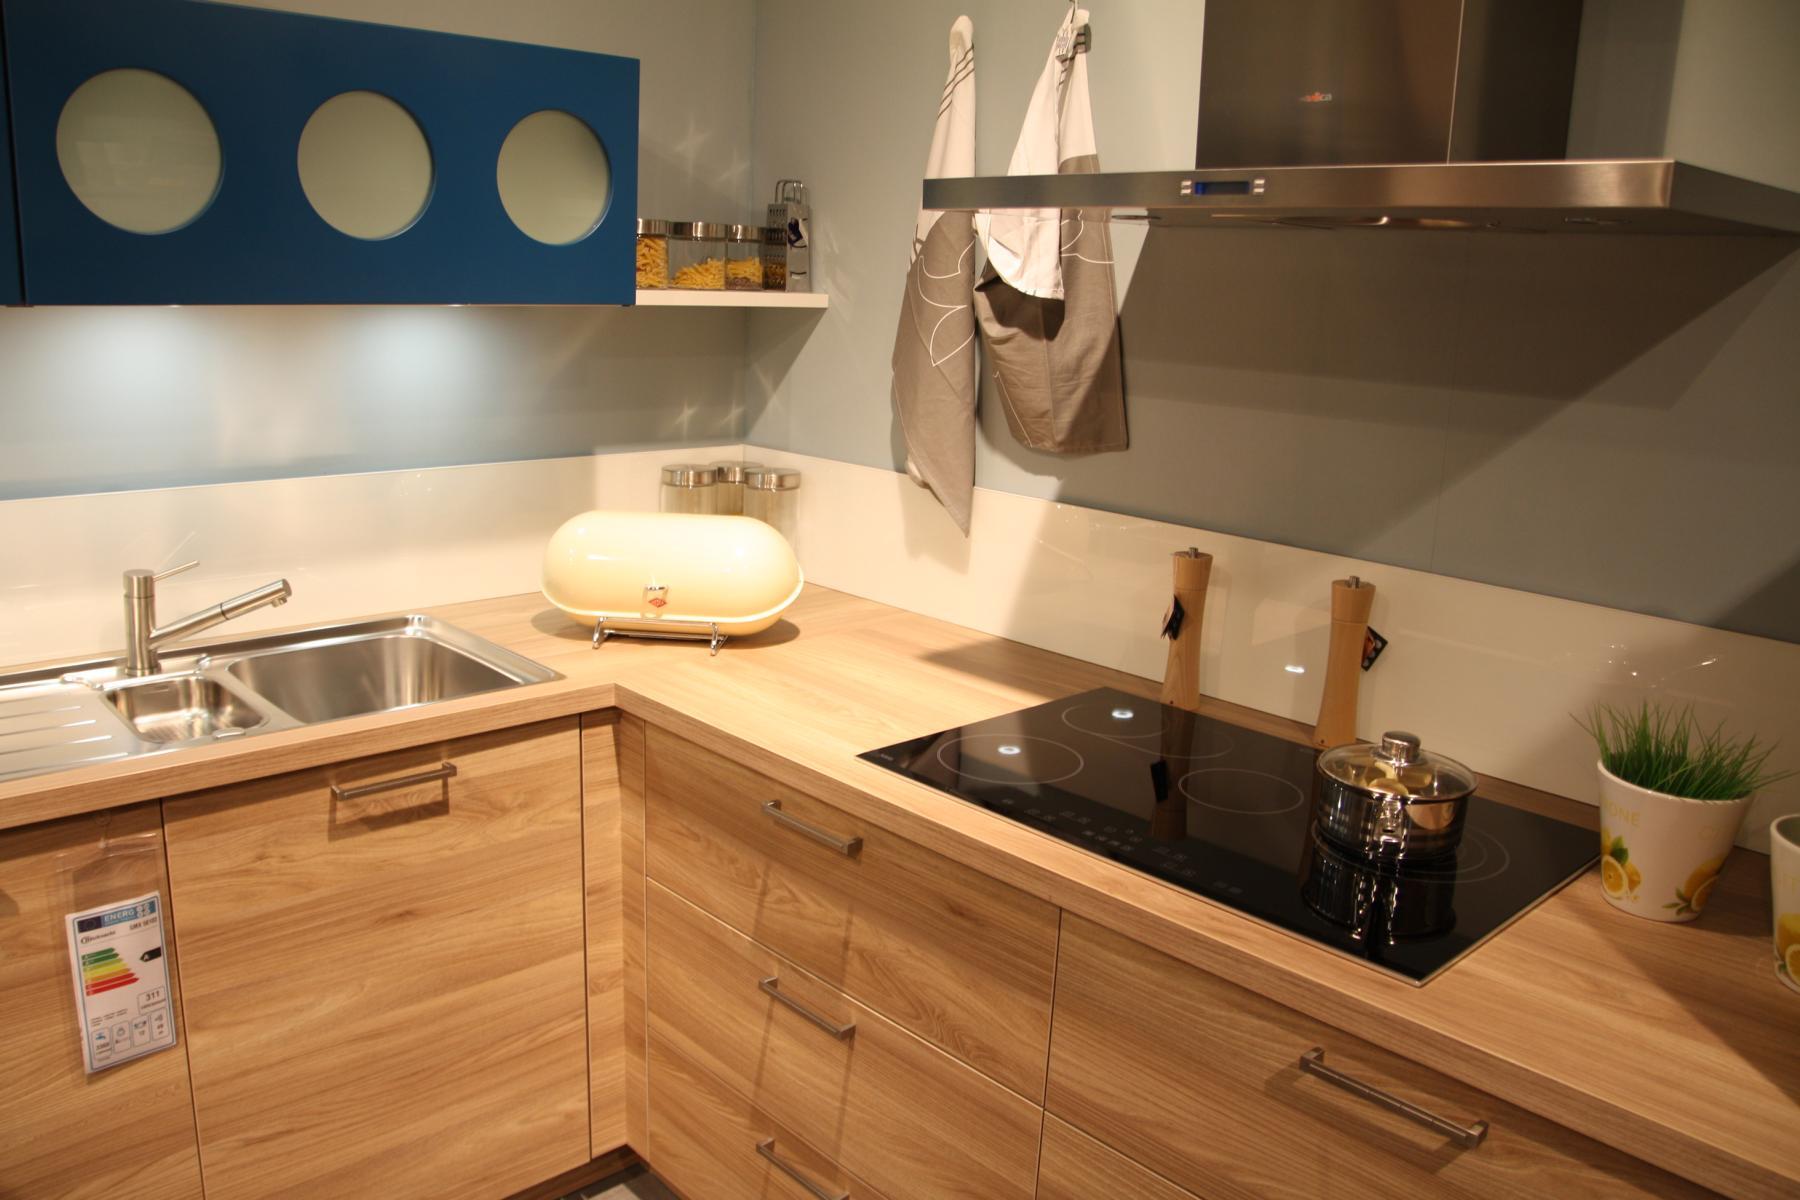 sch ller lima m belmarkt dogern ihr einrichtungshaus im einzugsgebiet z rich schaffhausen. Black Bedroom Furniture Sets. Home Design Ideas